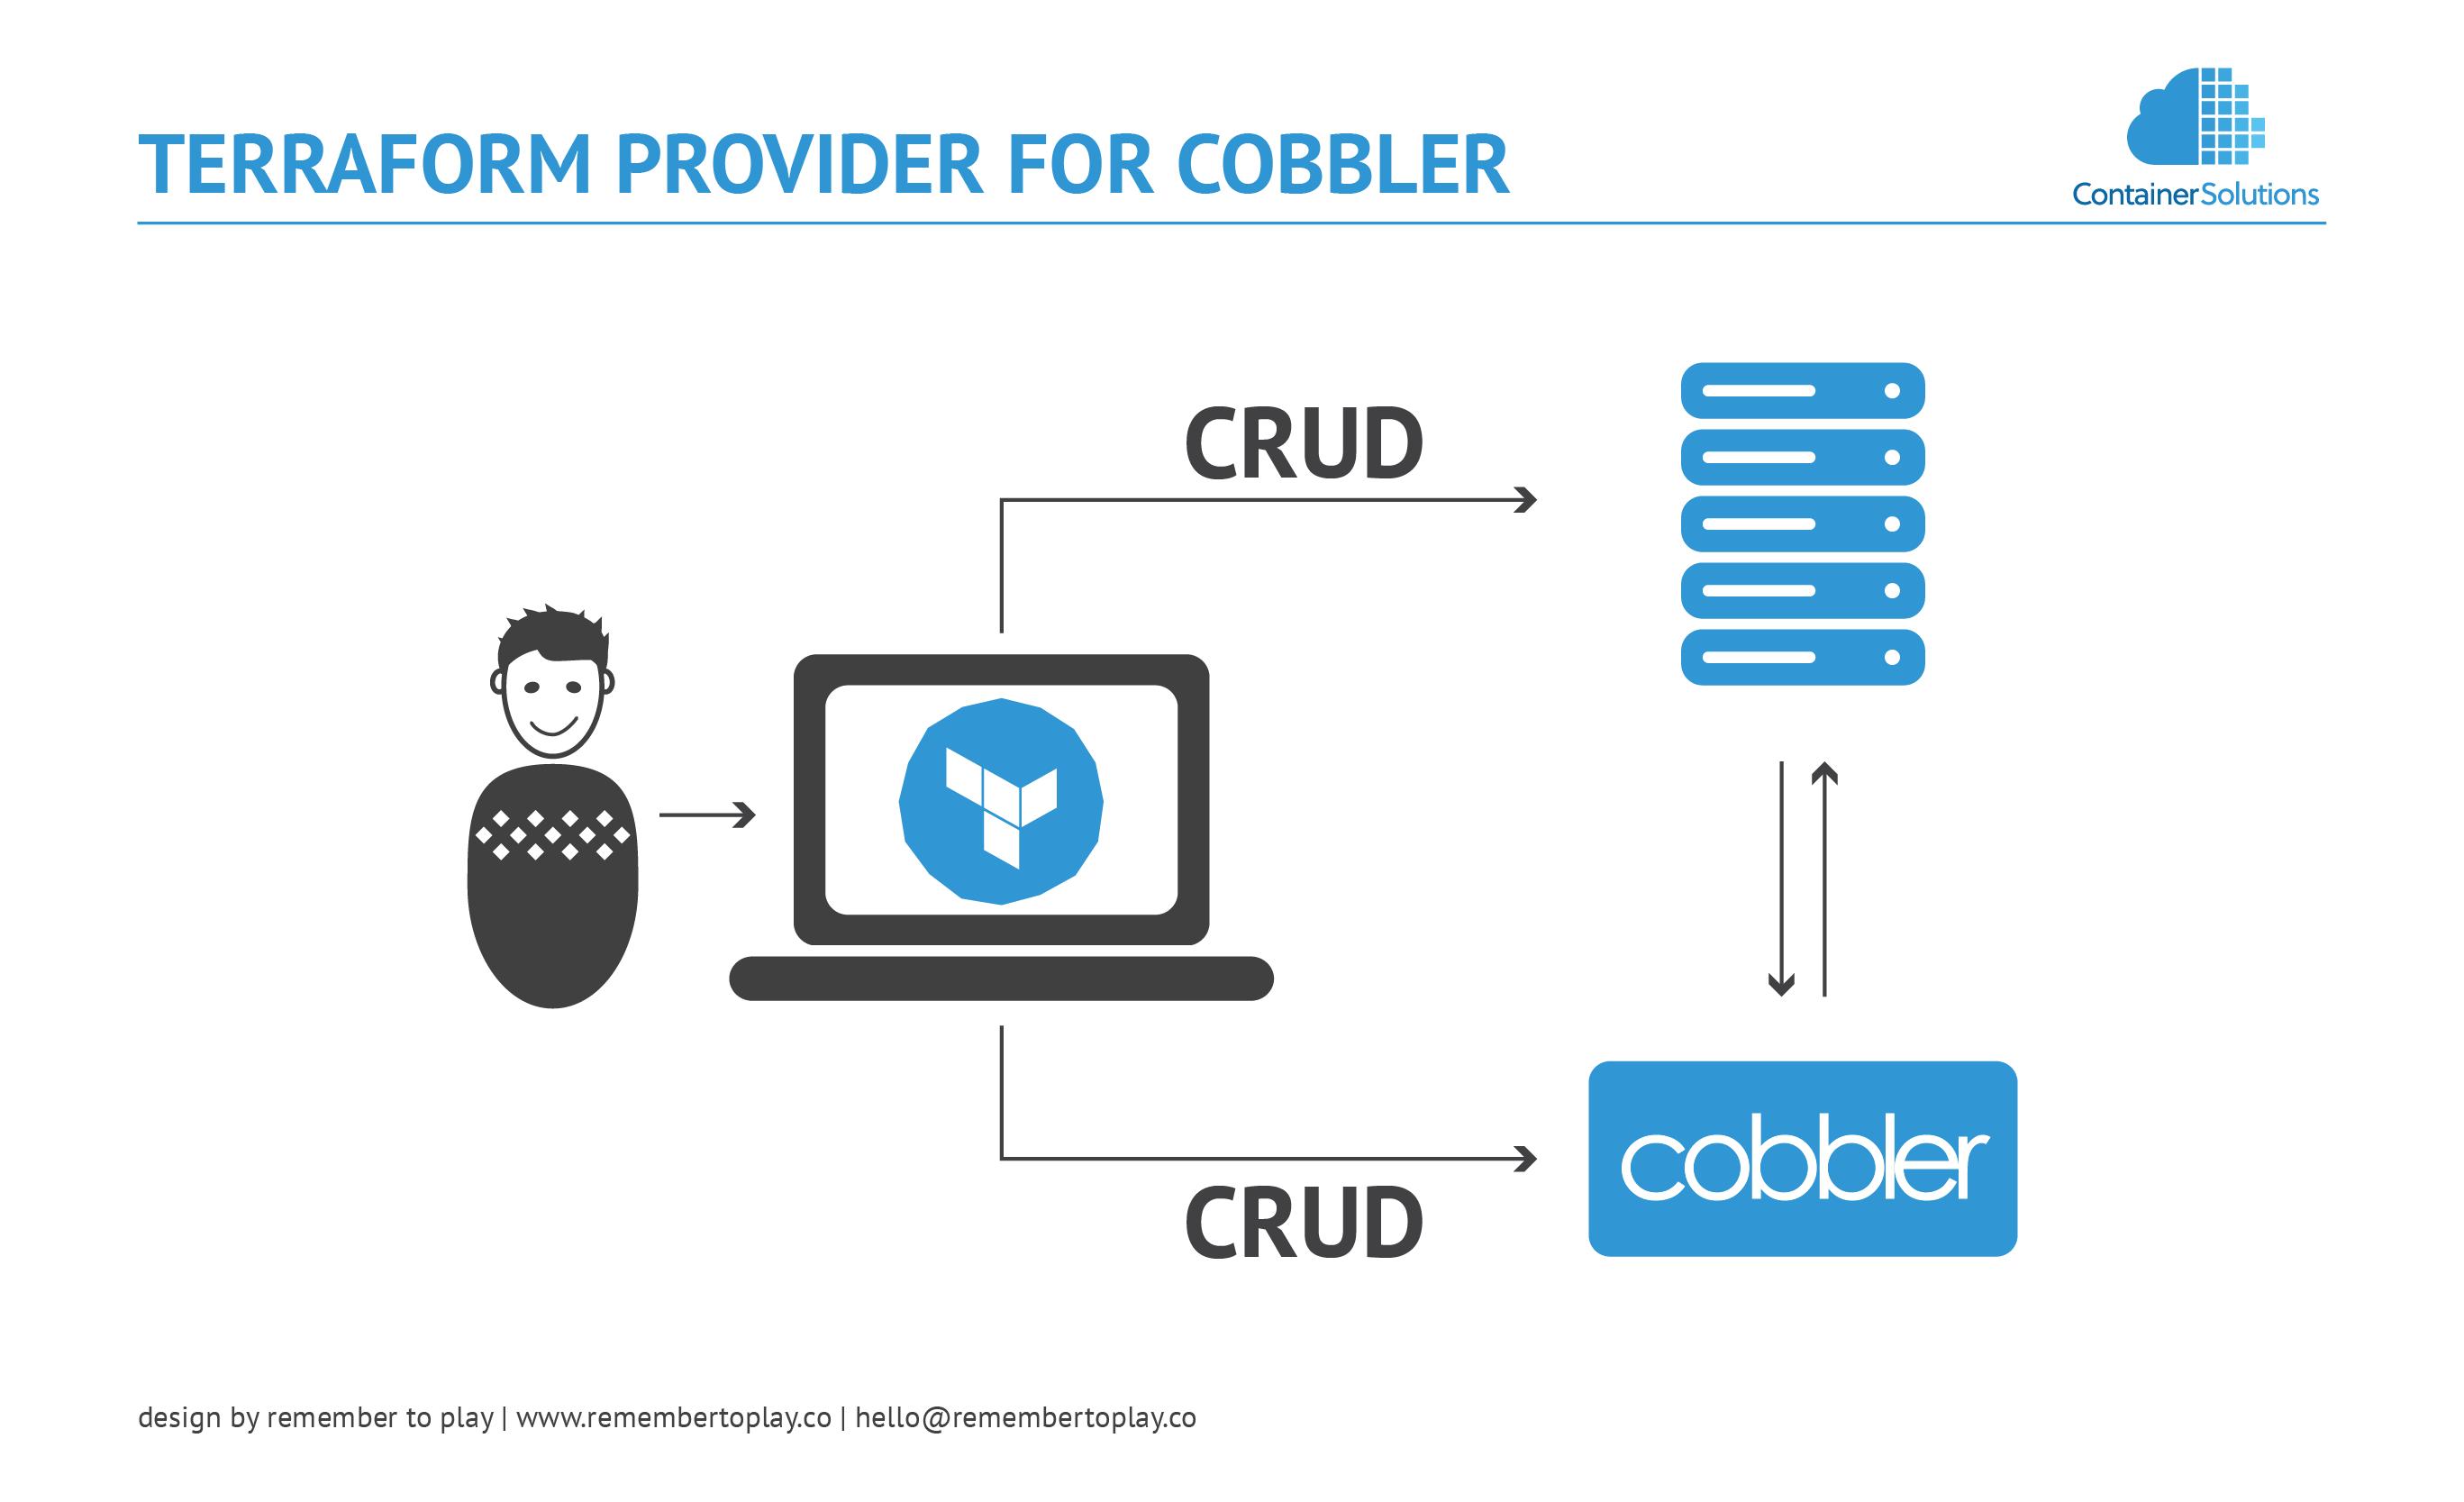 Terraform provider for Cobbler